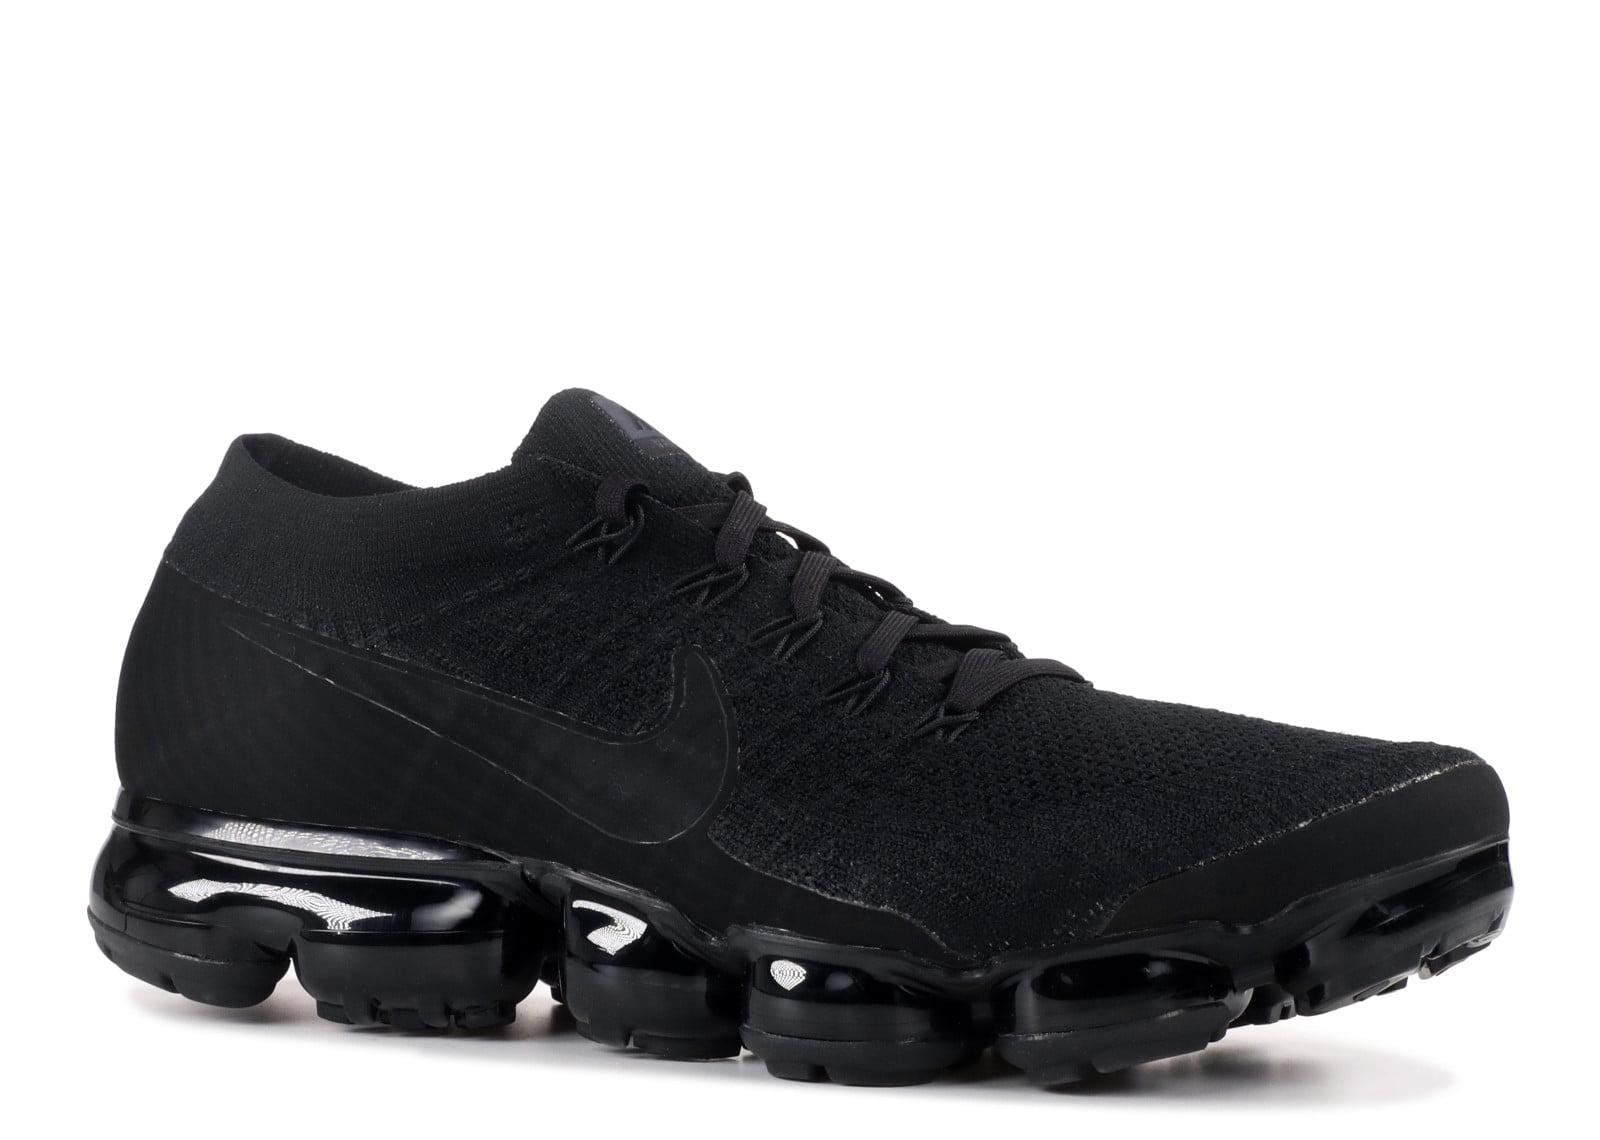 Nike Air Vapormax Flyknit 'Triple Black' - 849558-011 - Size 11